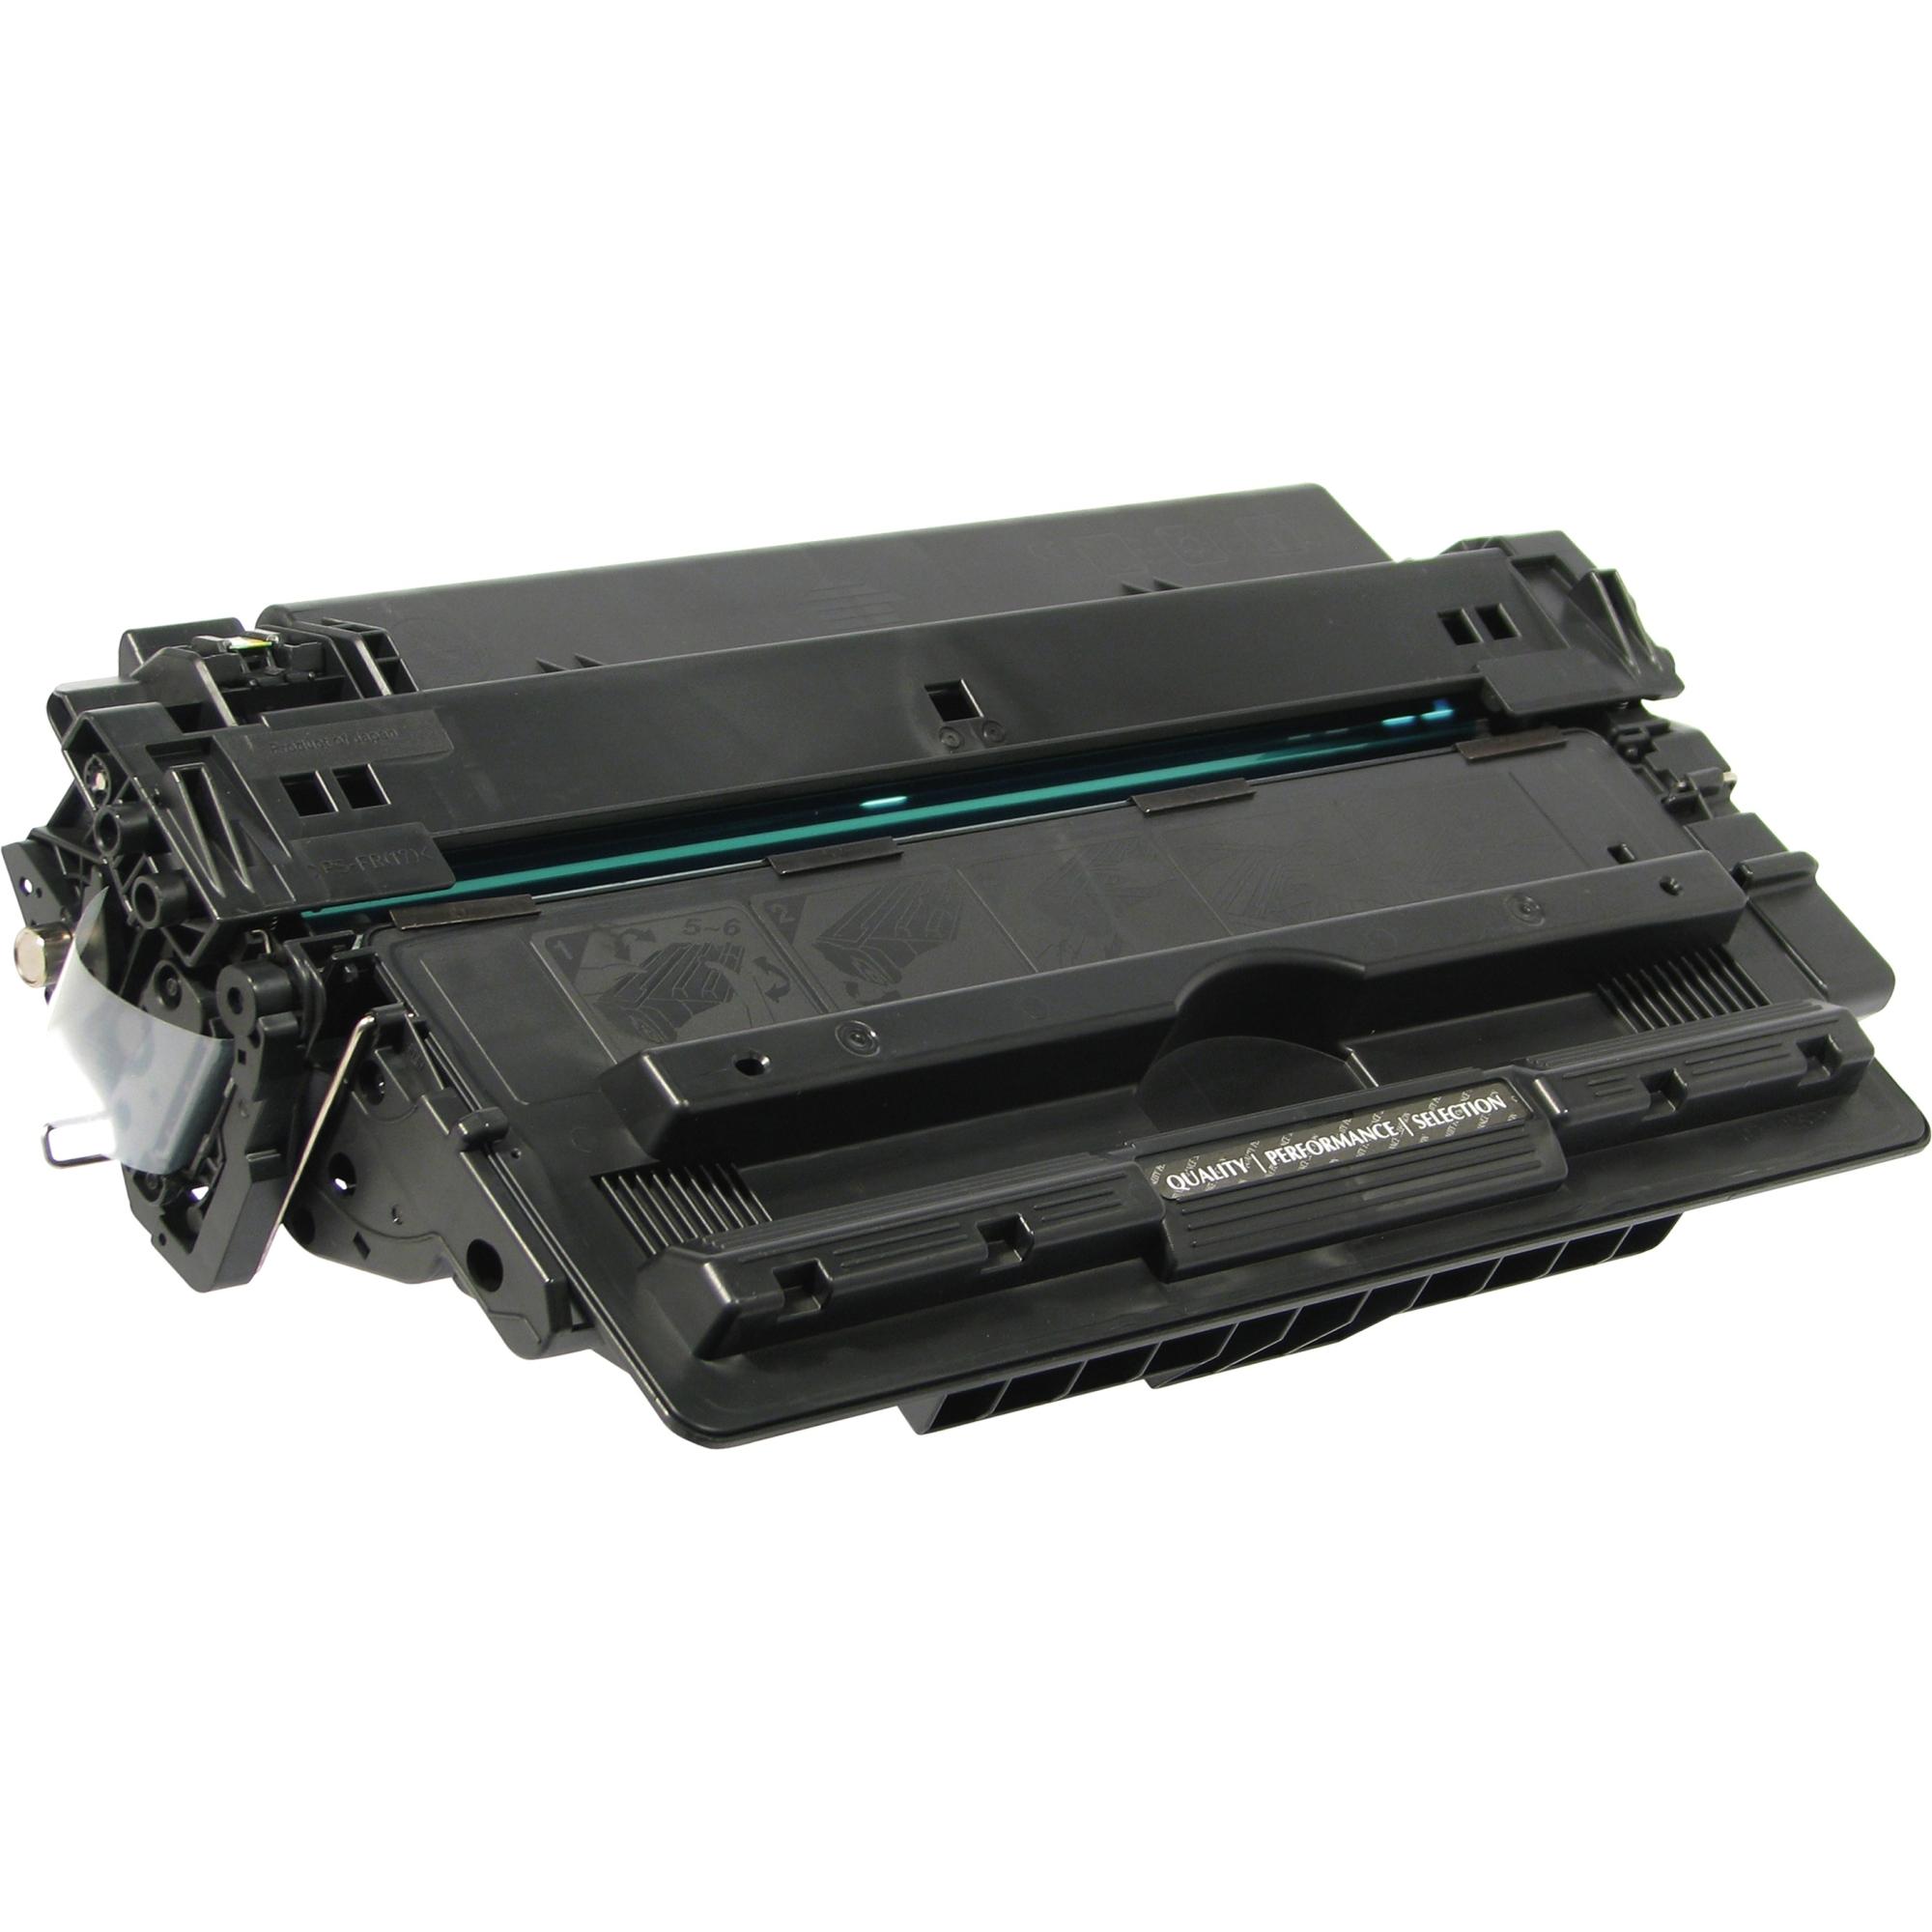 Black Toner Cartridge for HP LaserJet 5200 - Laser - 12000 Page